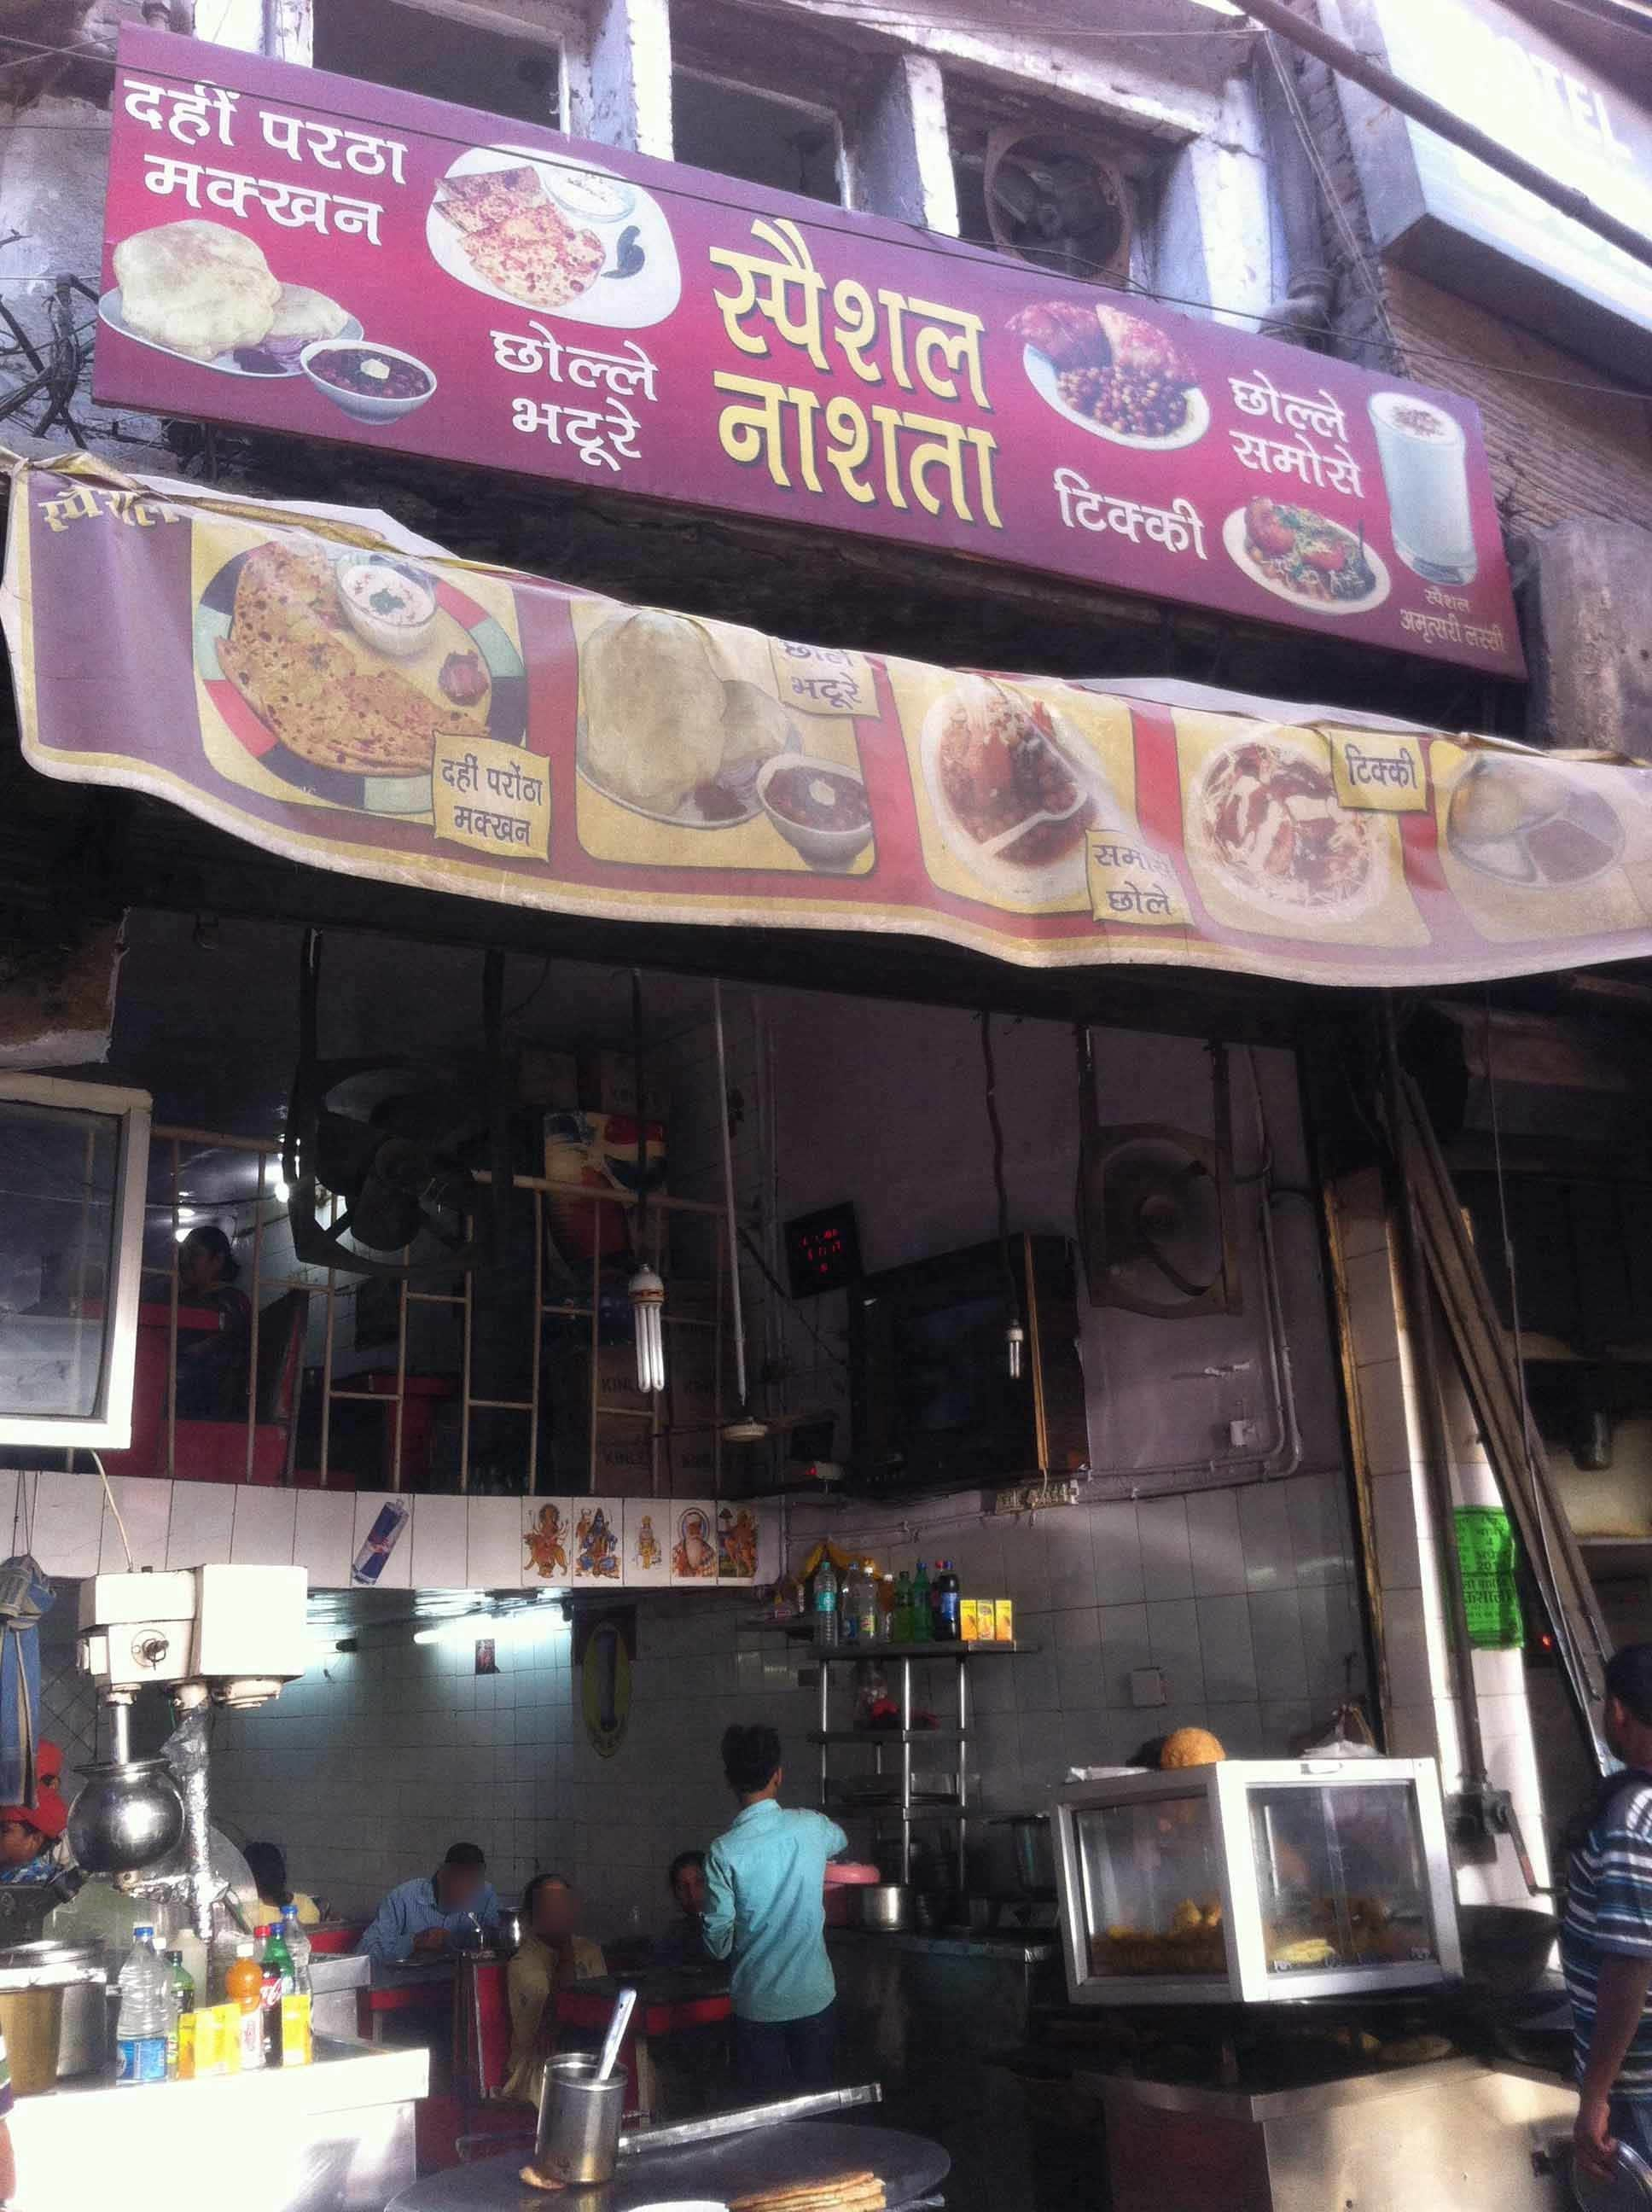 Special Nashta - ludhiana Junction - Ludhiana Image